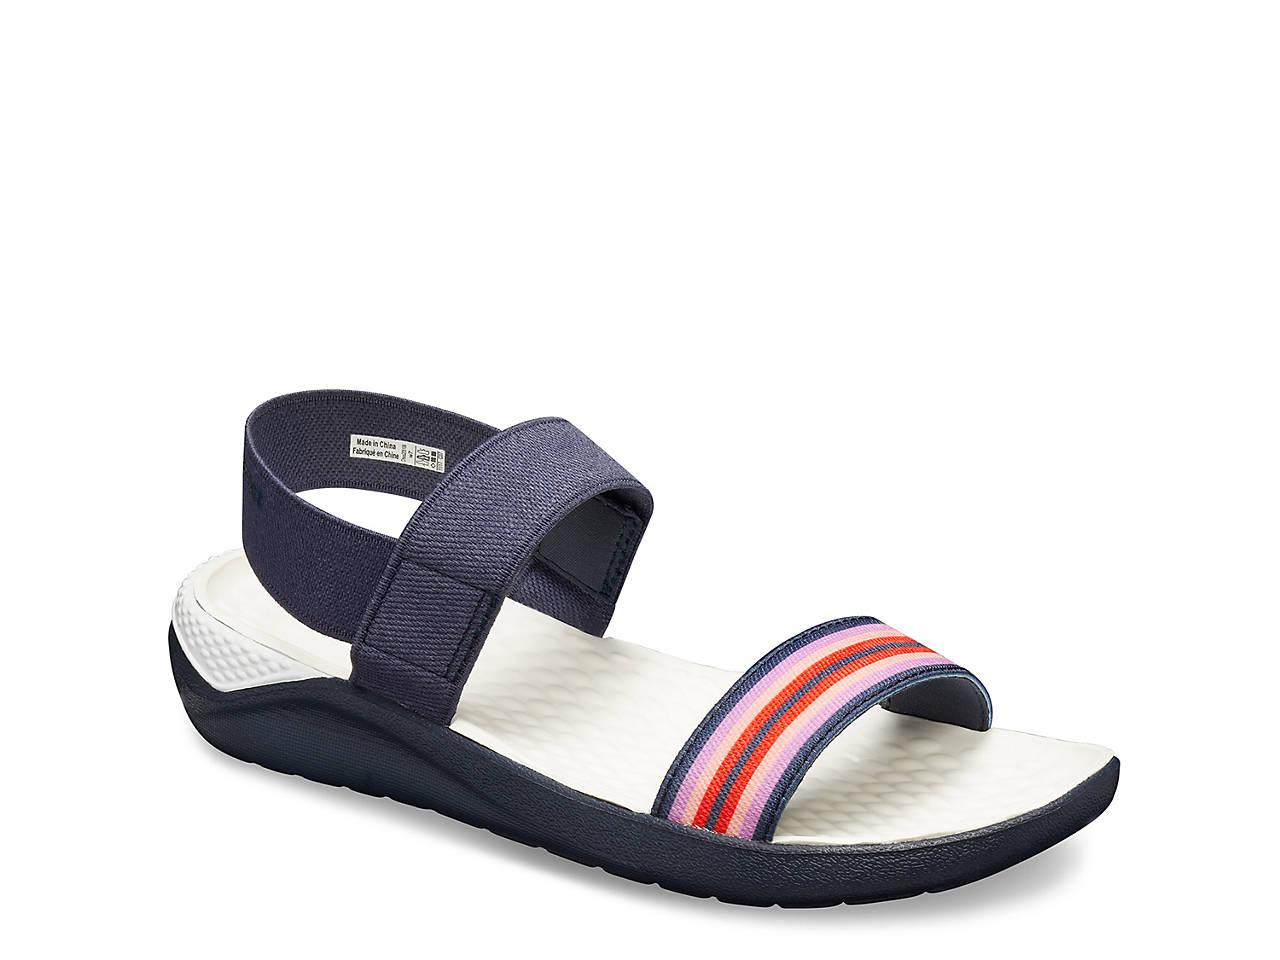 a26f8a60d84 Crocs LiteRide Sandal Women s Shoes